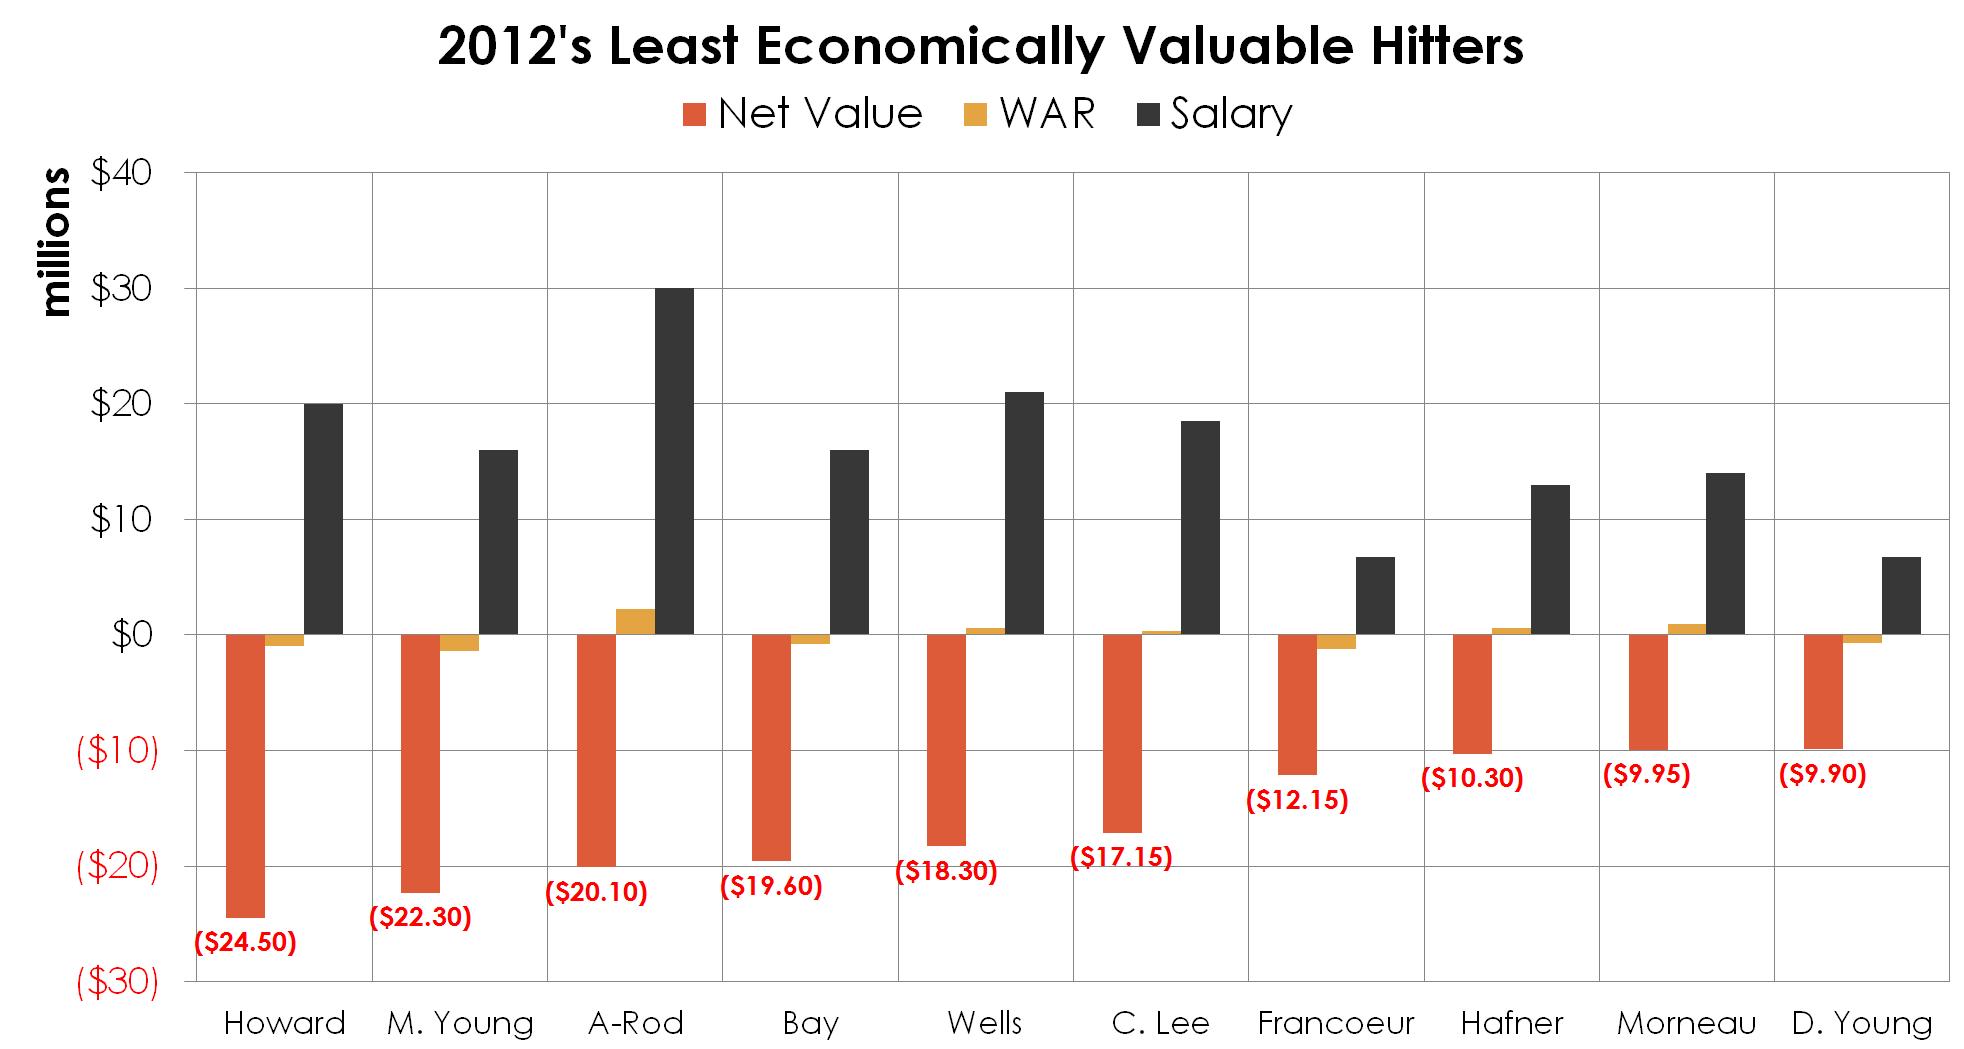 2012_least_valuable_hitters